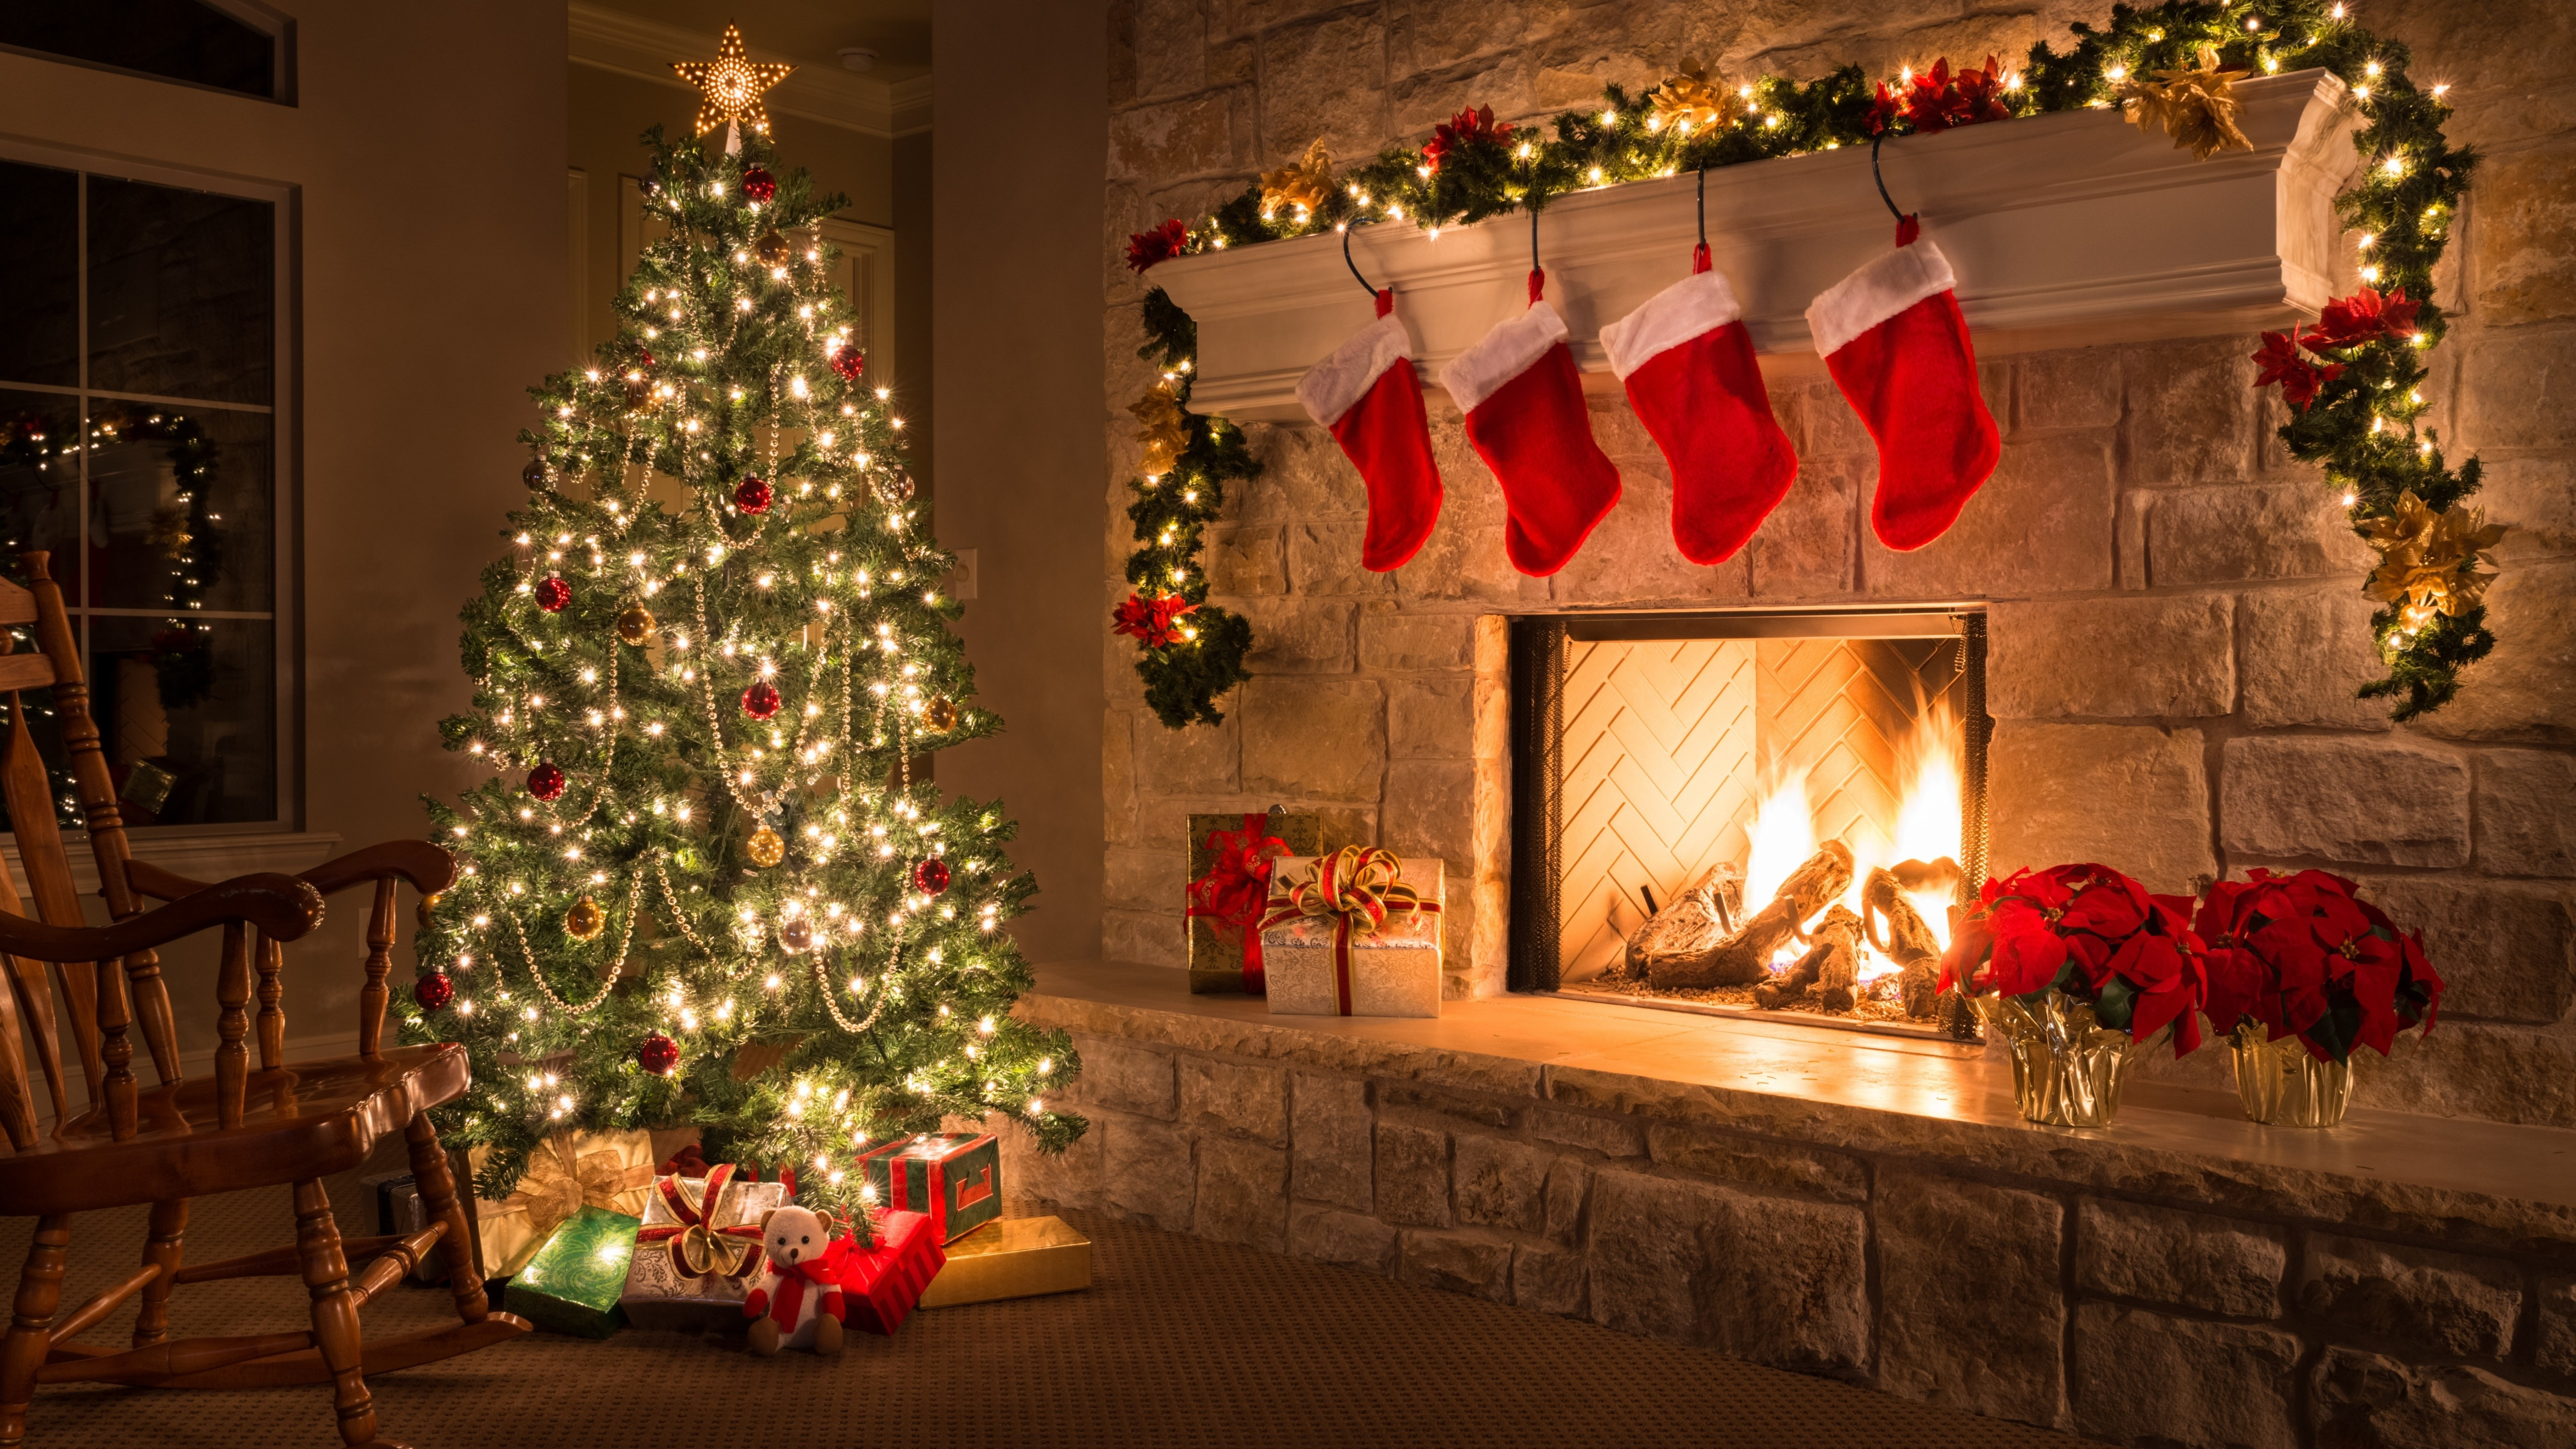 Fondos de pantalla Hogar con decorado navideño